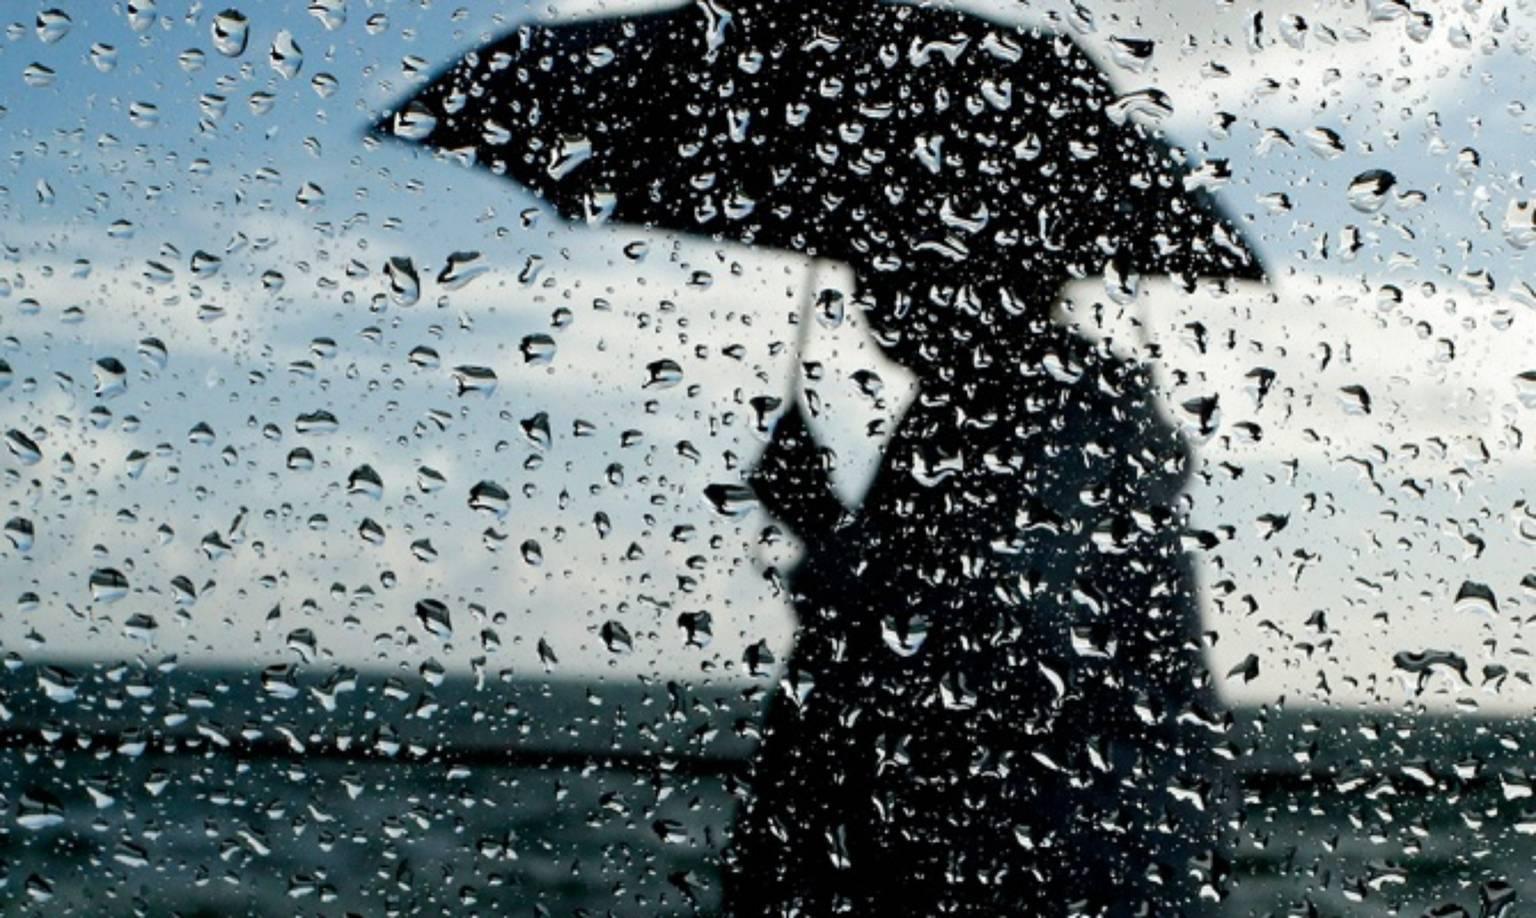 Погода в Казахстане: на большей территории пройдут осадки